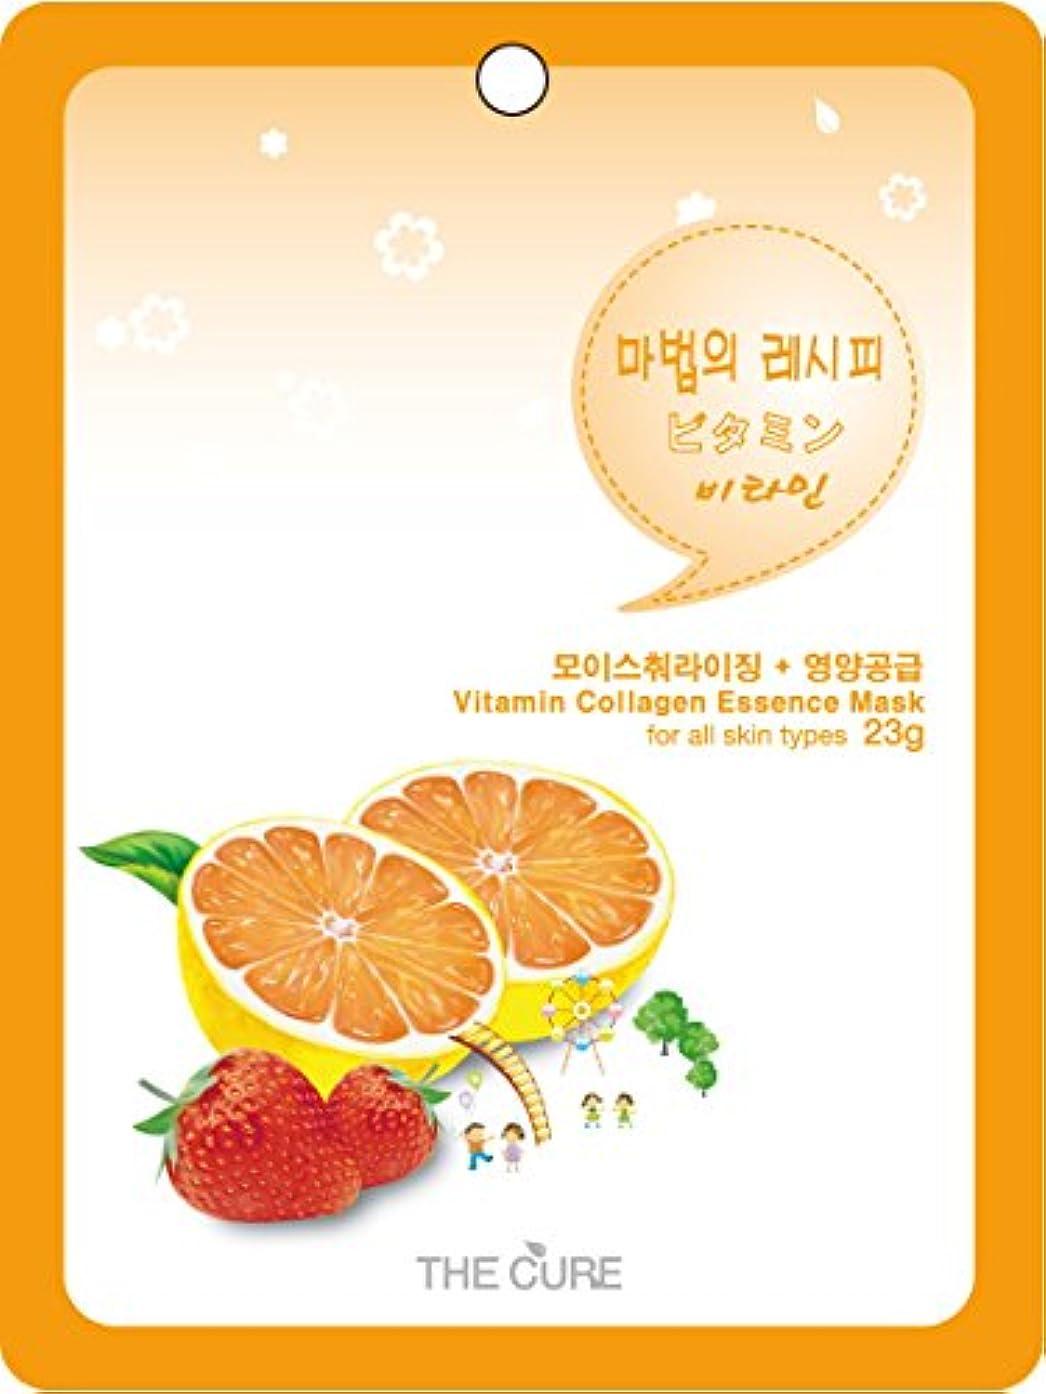 セラー平らにする科学ビタミン コラーゲン エッセンス マスク THE CURE シート パック 100枚セット 韓国 コスメ 乾燥肌 オイリー肌 混合肌